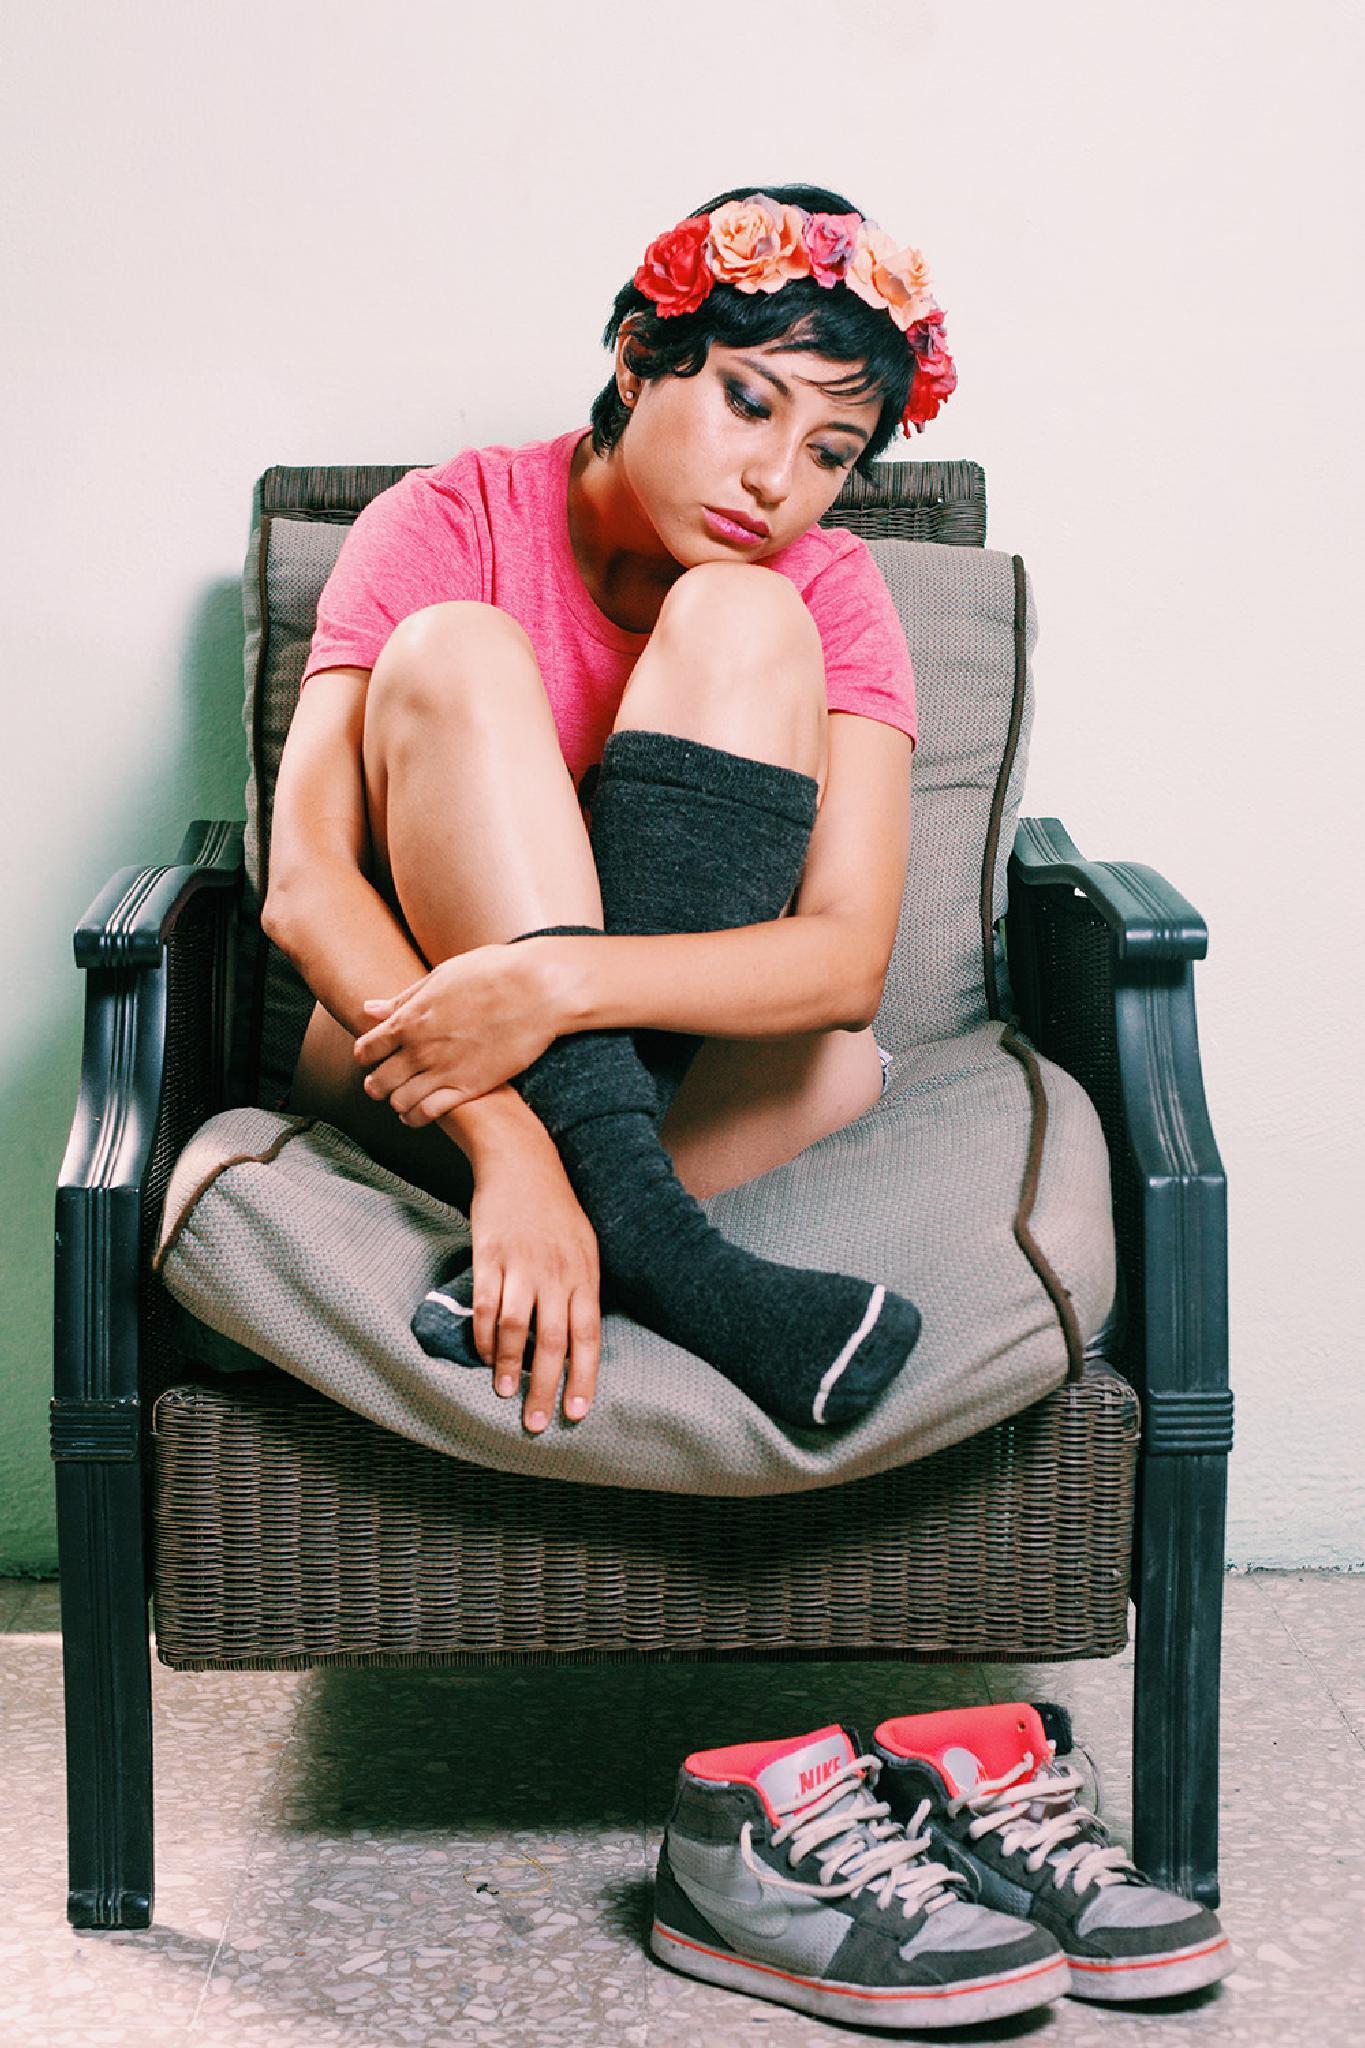 resting by Memo Hernandez